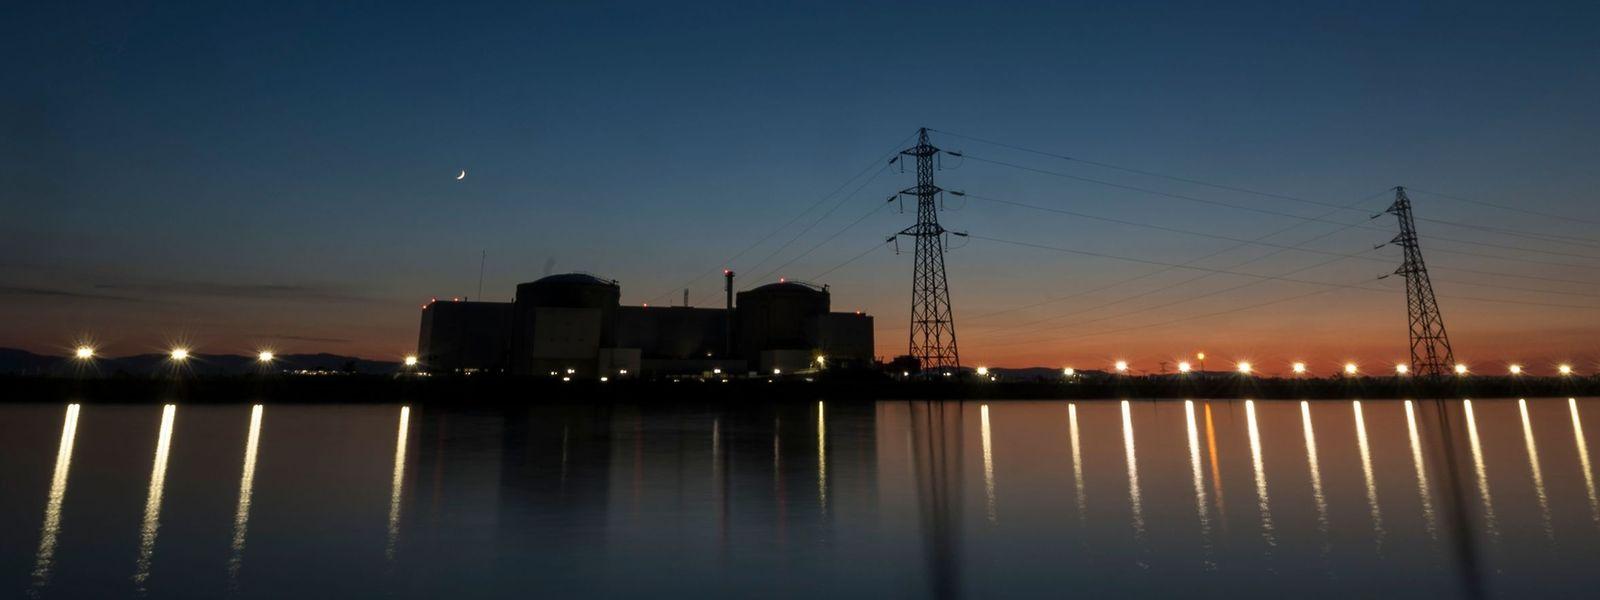 Malgré des renforcements de leur sécurité, les anciennes centrales (Tihange et Doel, par exemple) sont loin d'être protégées pour la chute d'un appareil.